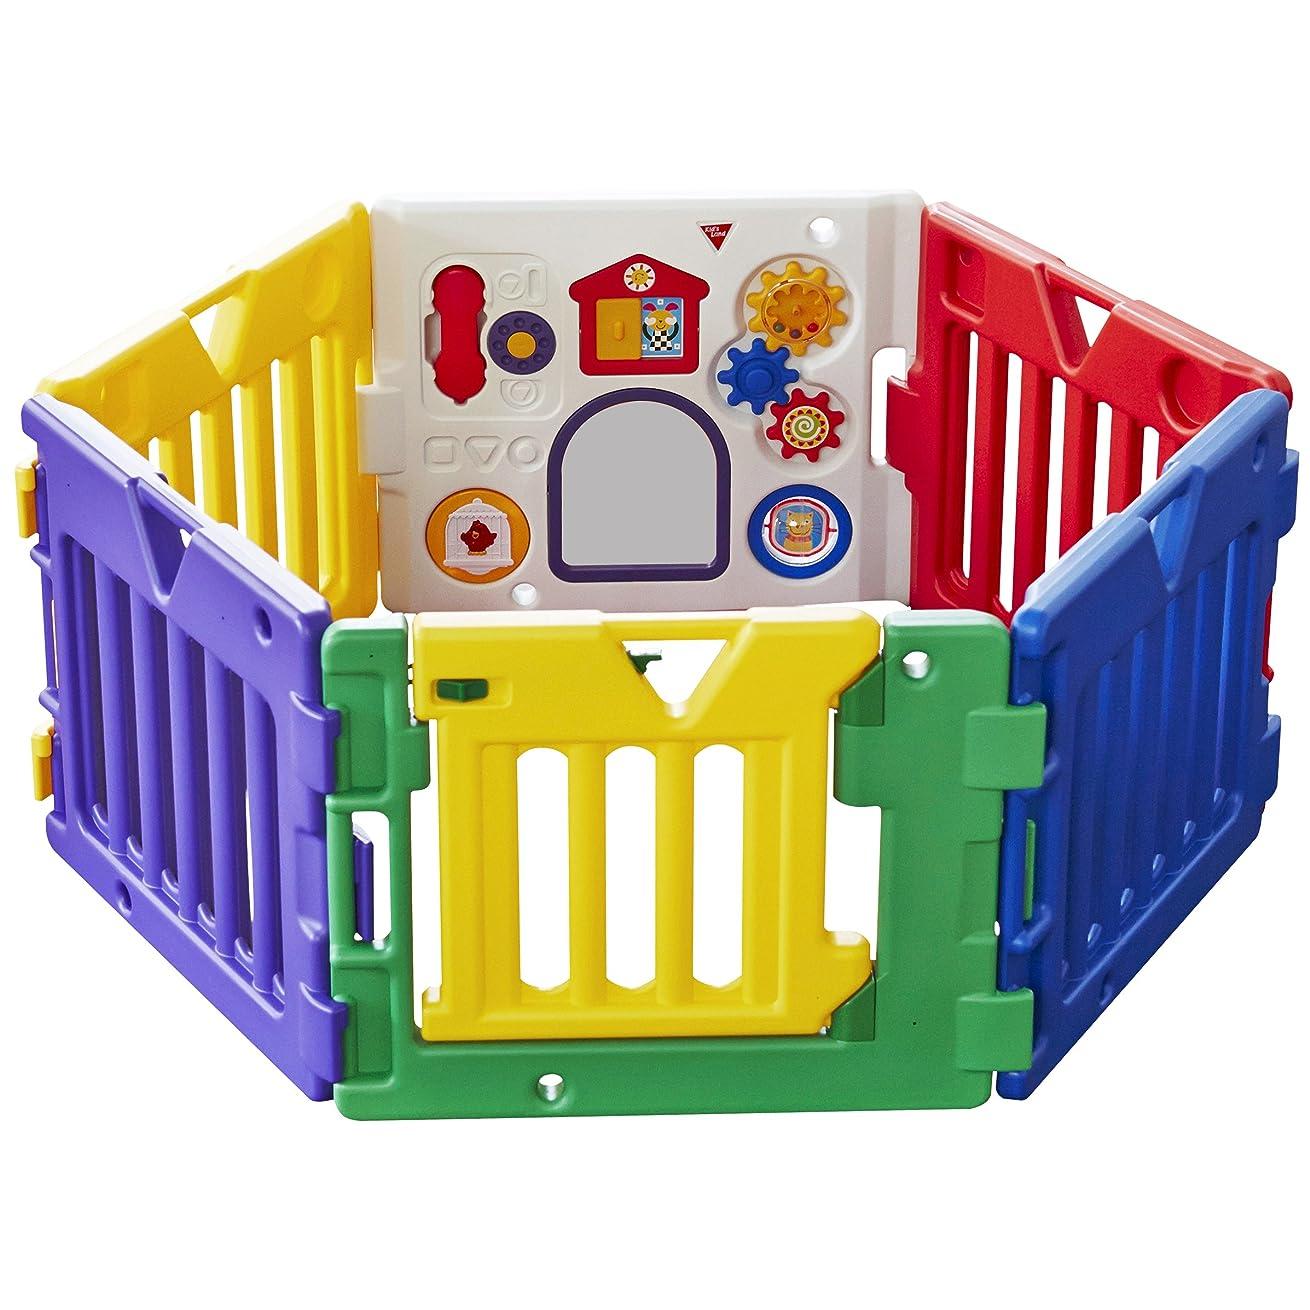 宴会フォアマン聴く日本育児 ベビーサークル ミュージカルキッズランド DX 6ヶ月~3歳半対象 おもちゃパネル付のベビーサークル